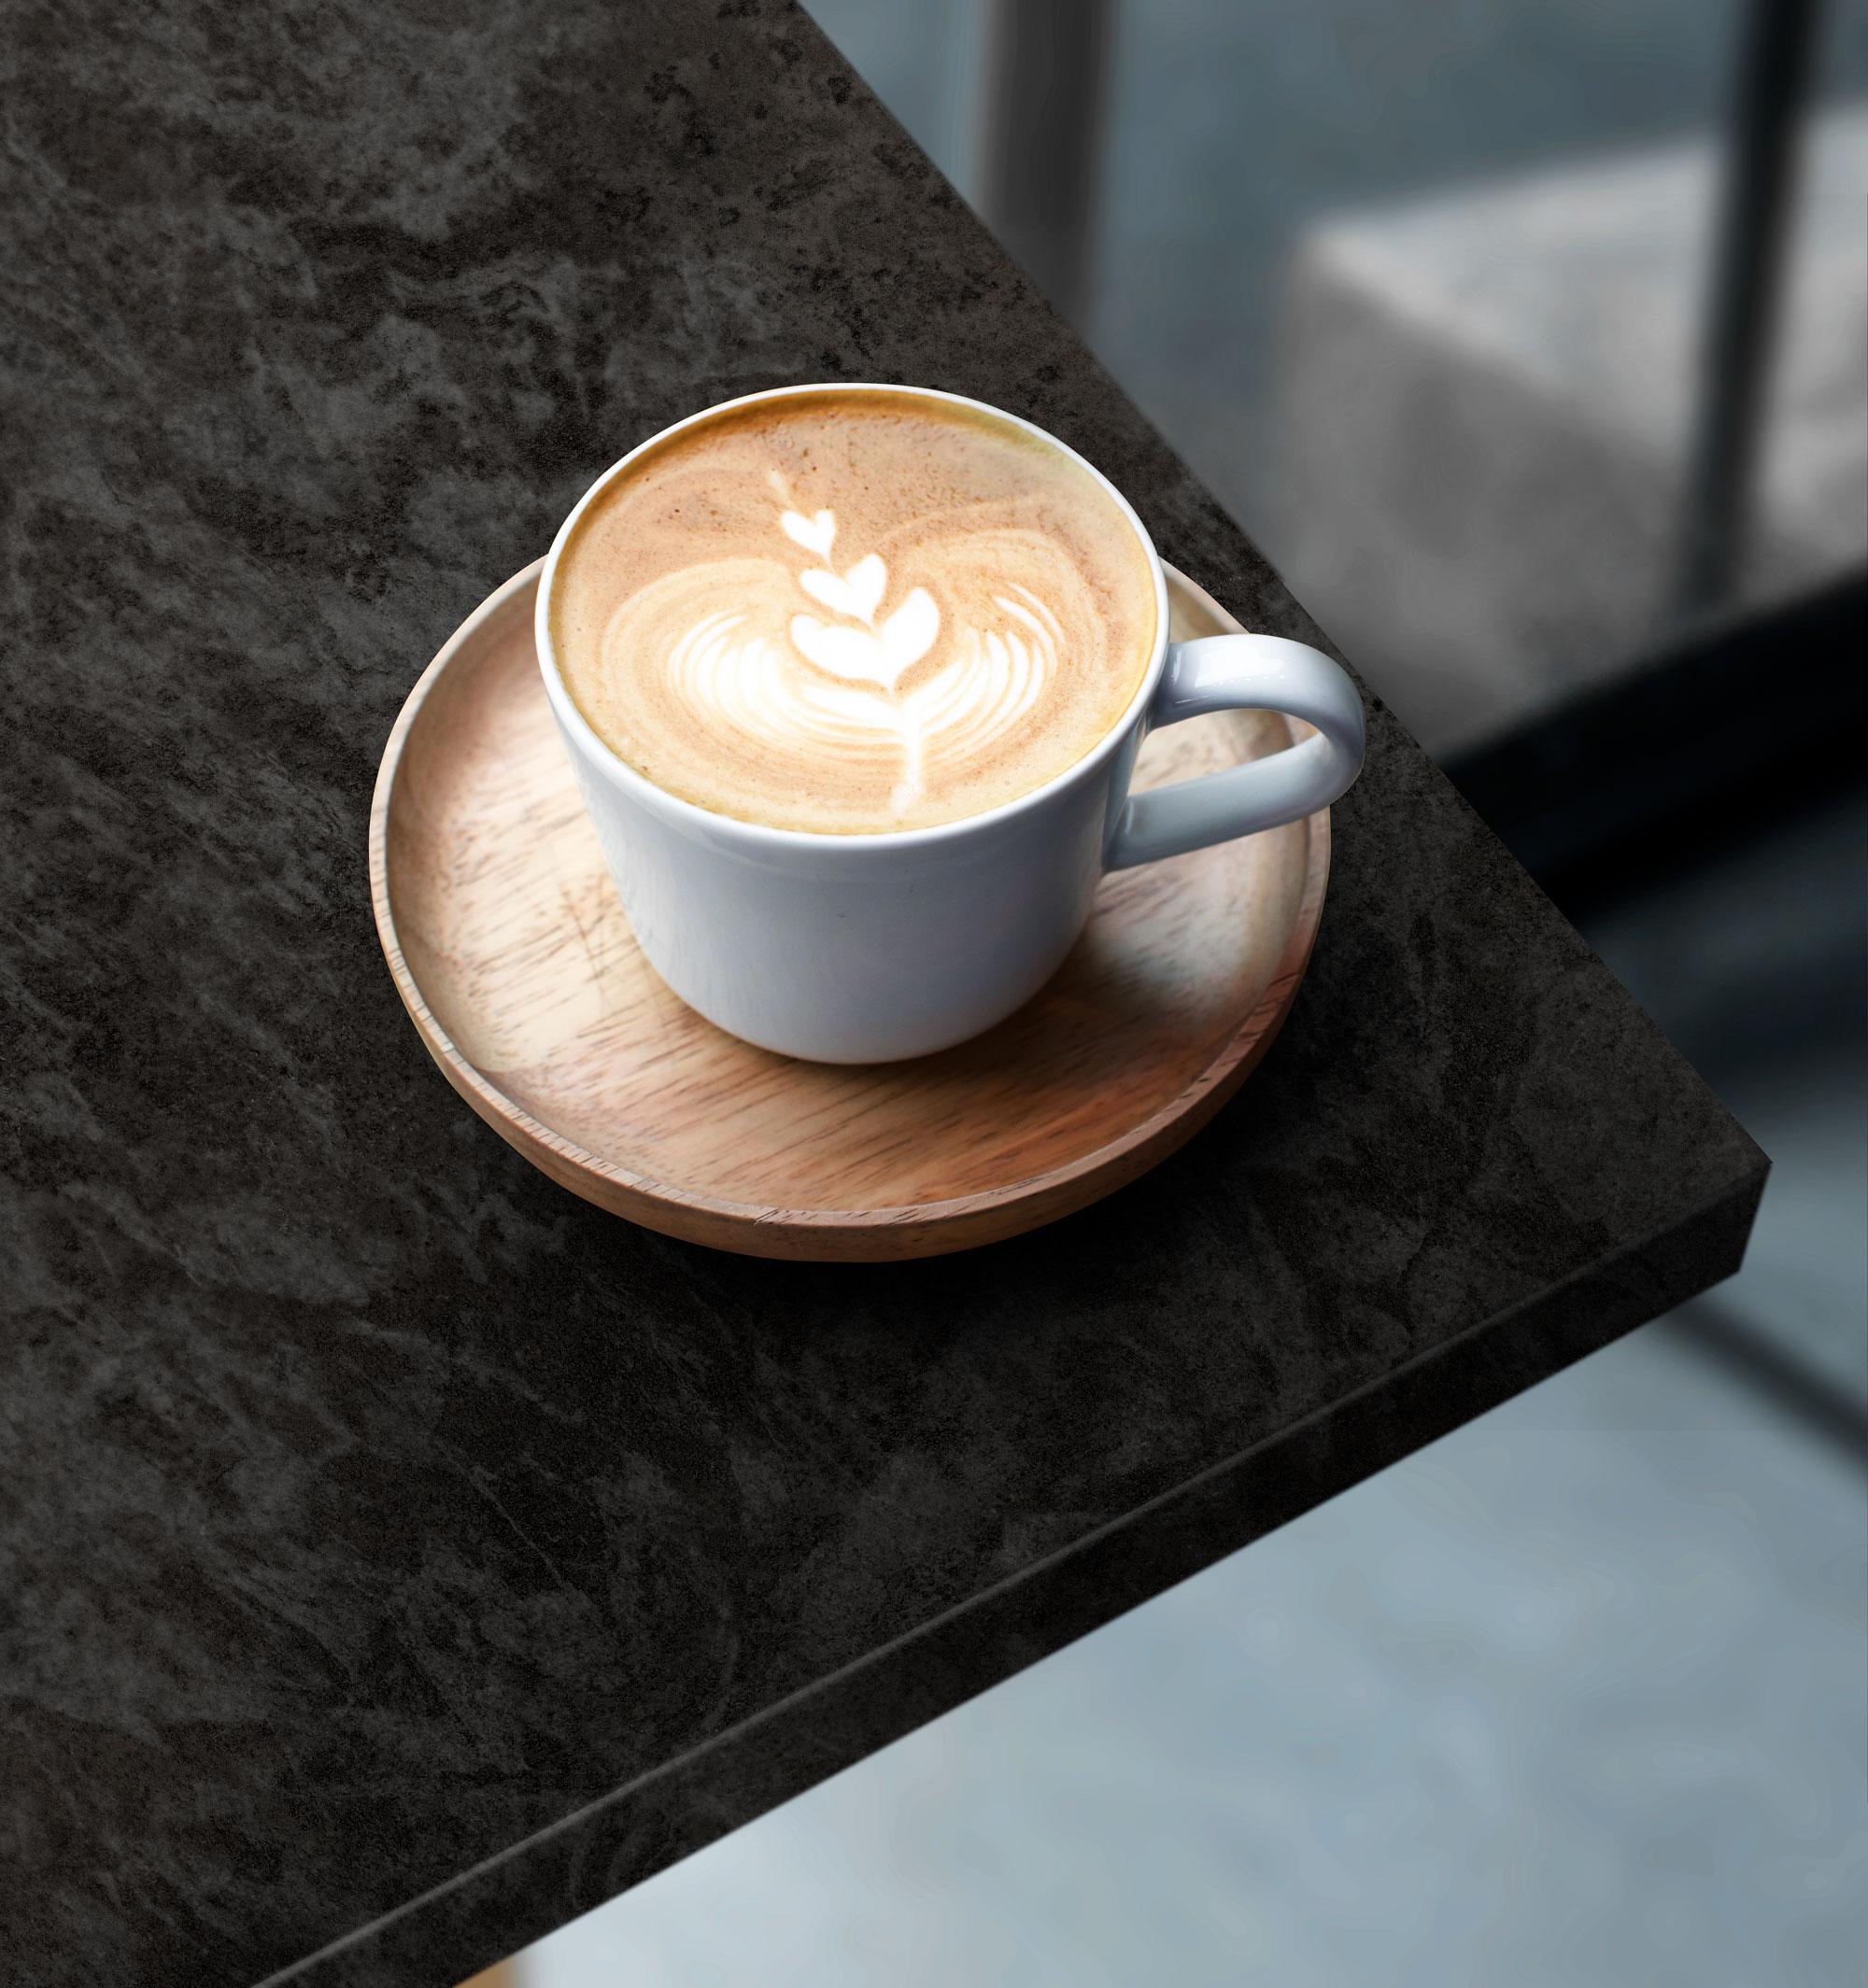 Vulcano cafe